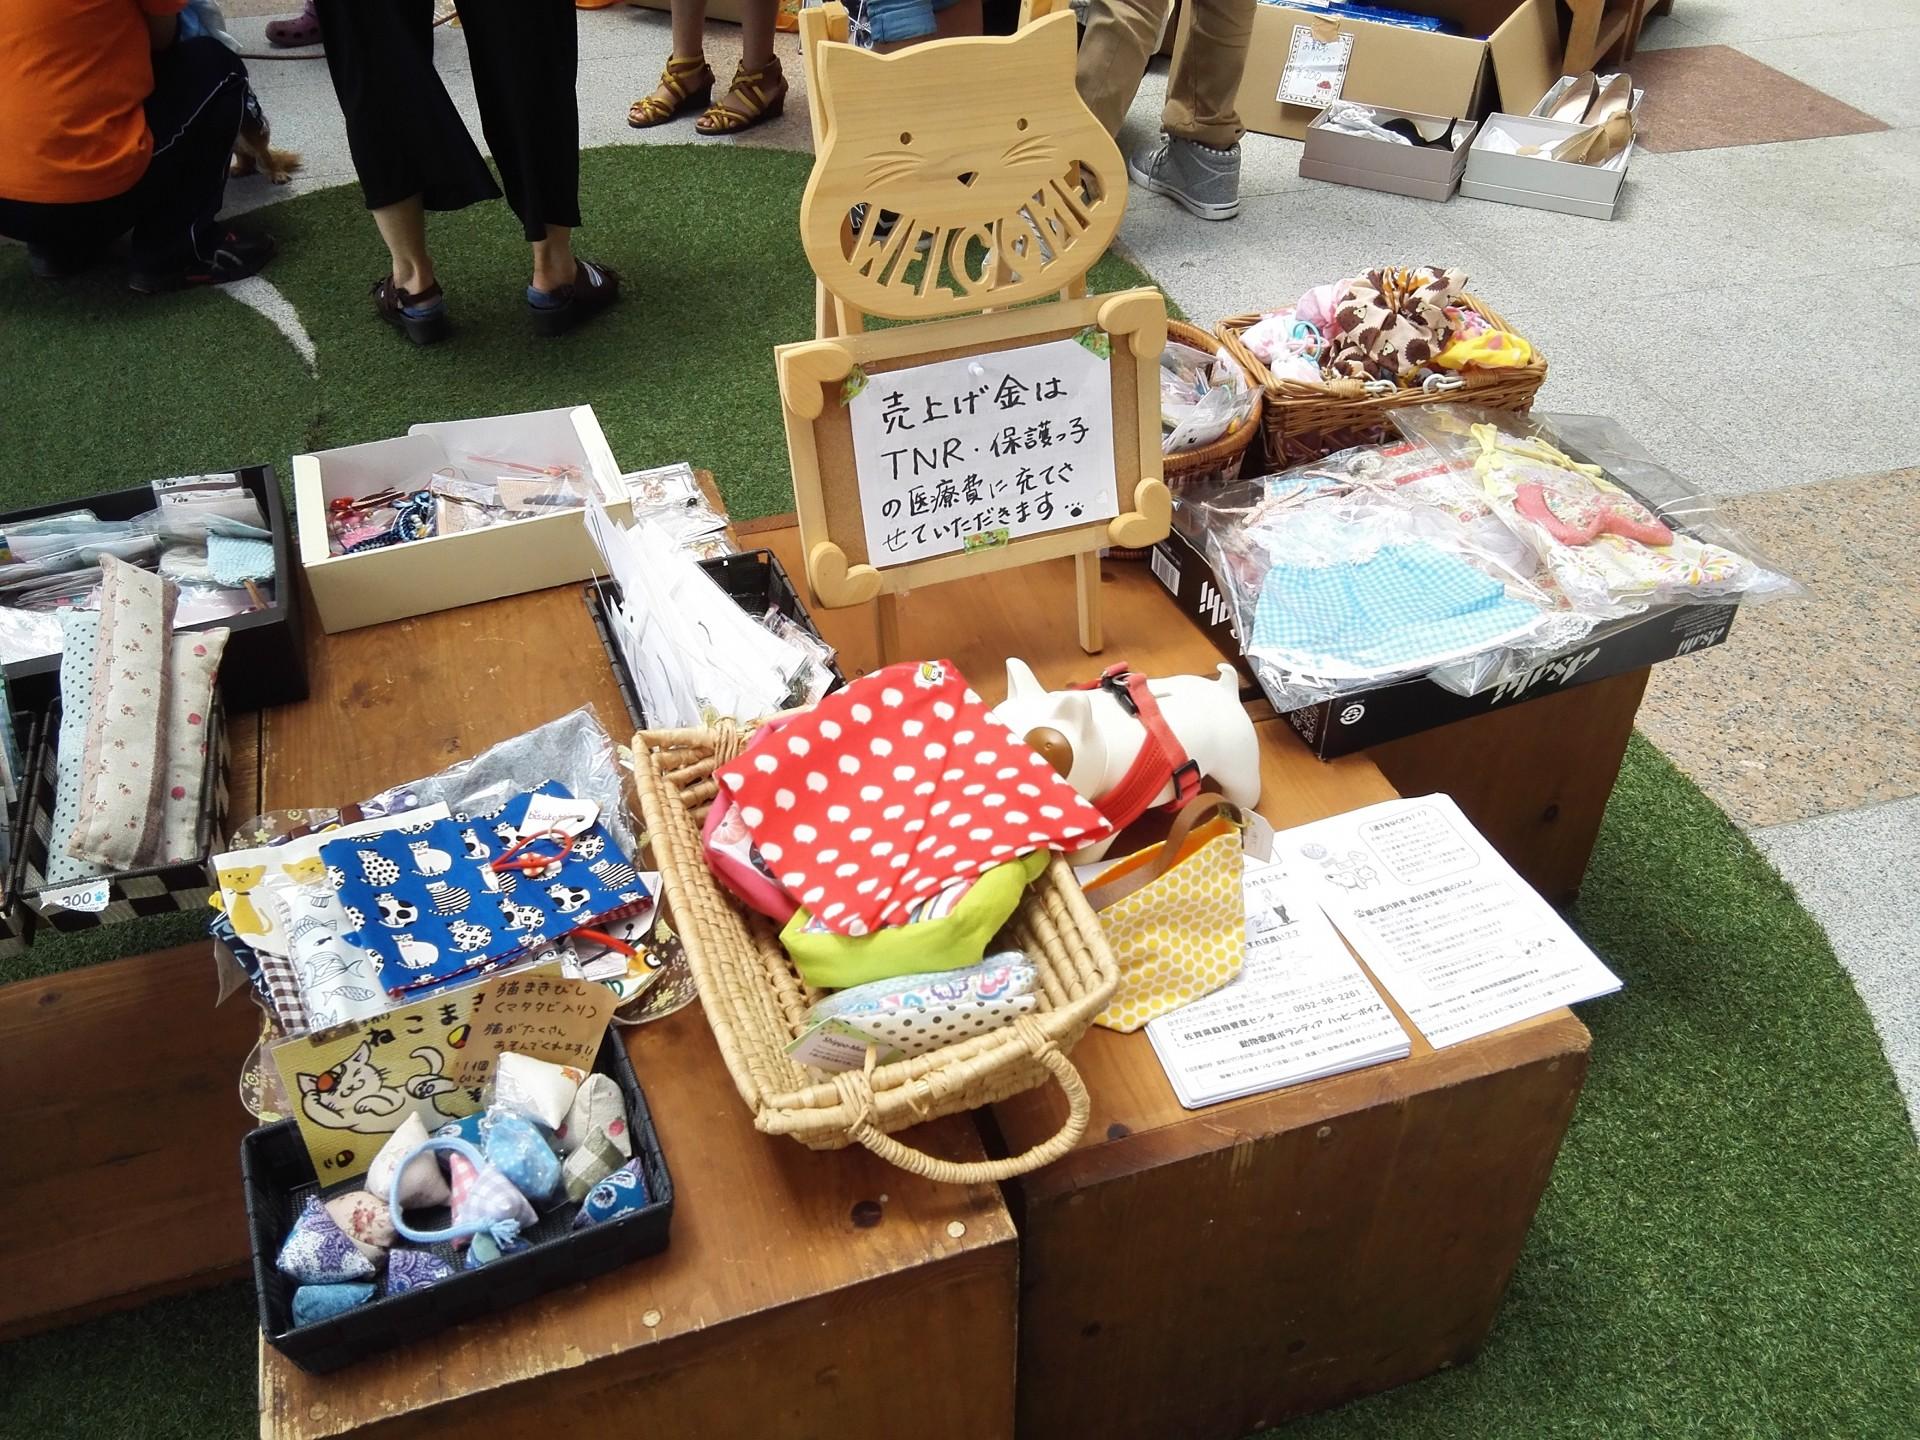 フリーマーケットでは、可愛らしい手作り   雑貨が並びます。